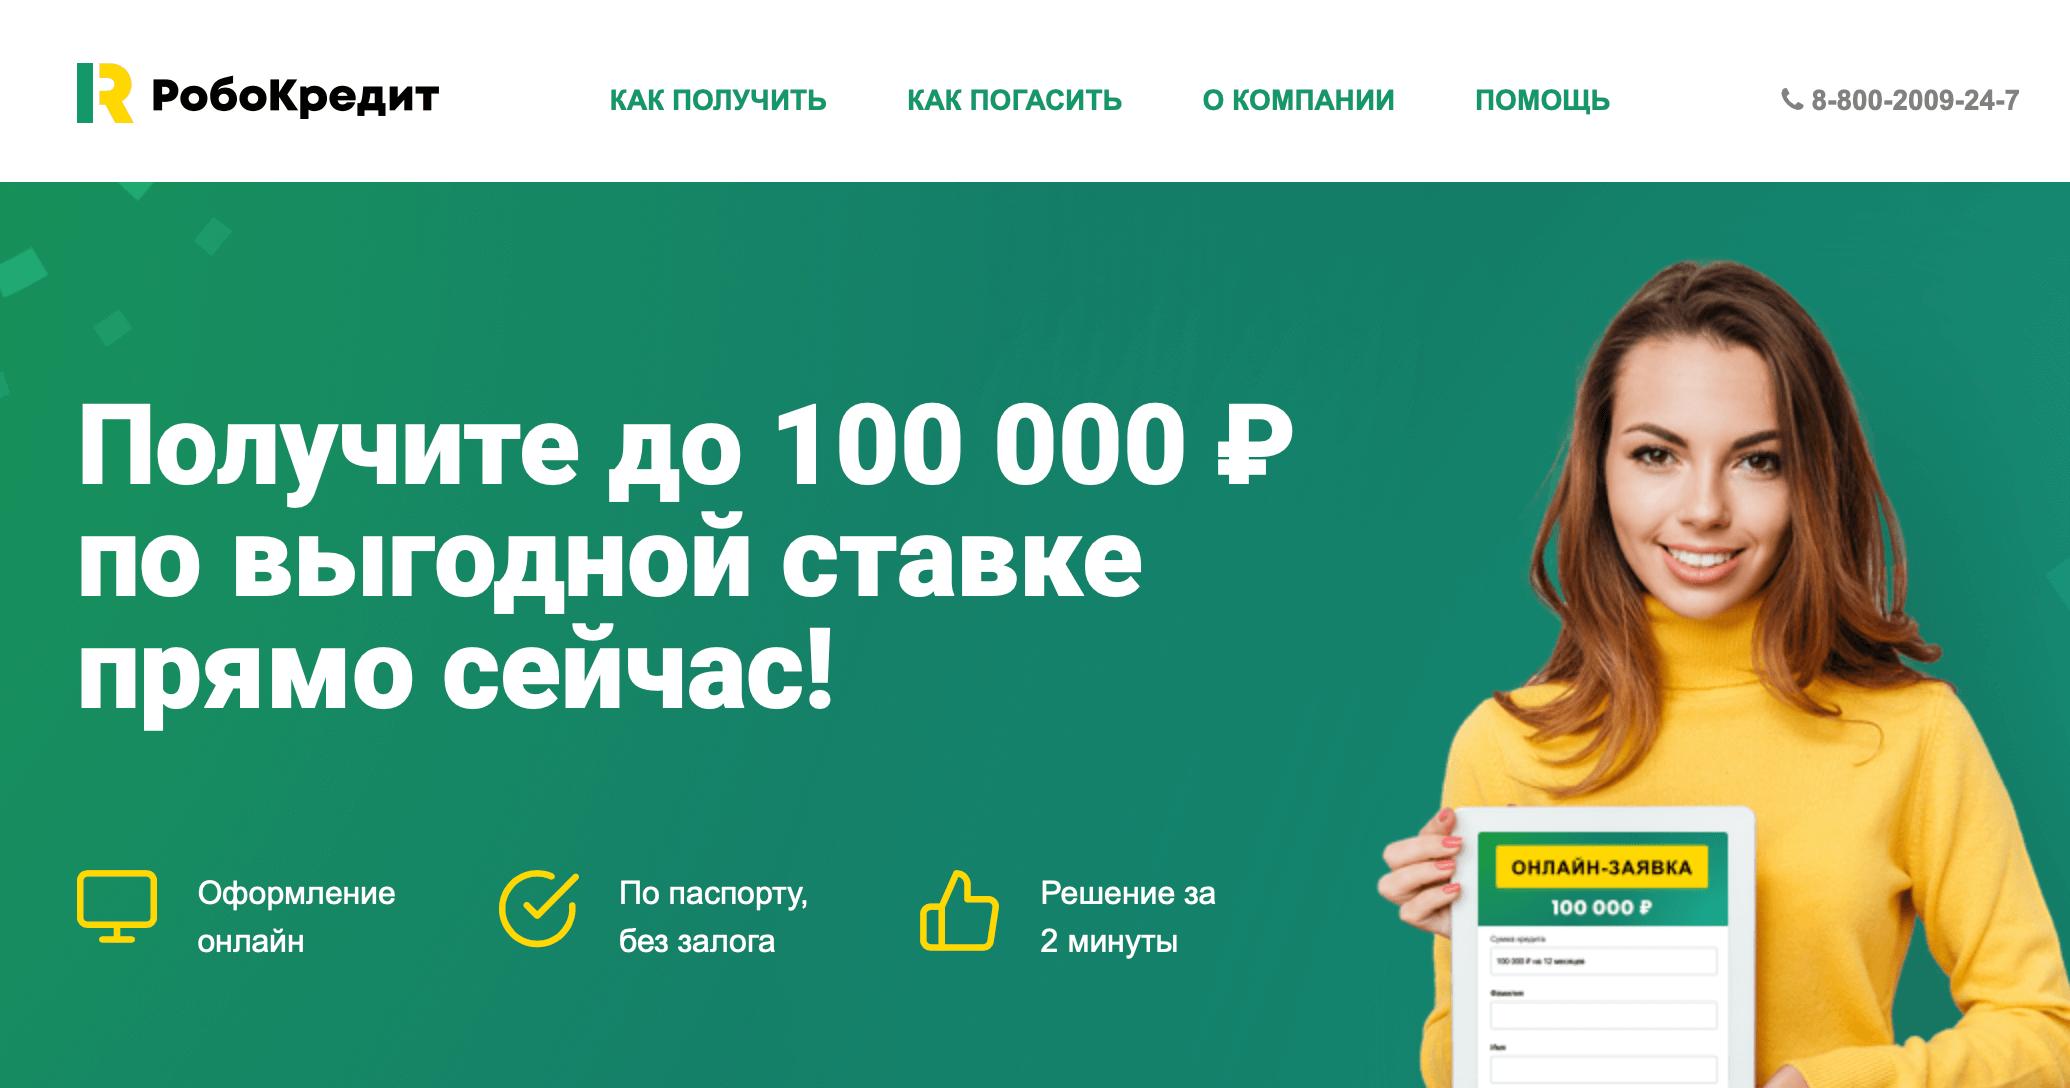 займер отзывы должников 2020 банк открытие кредитка онлайн